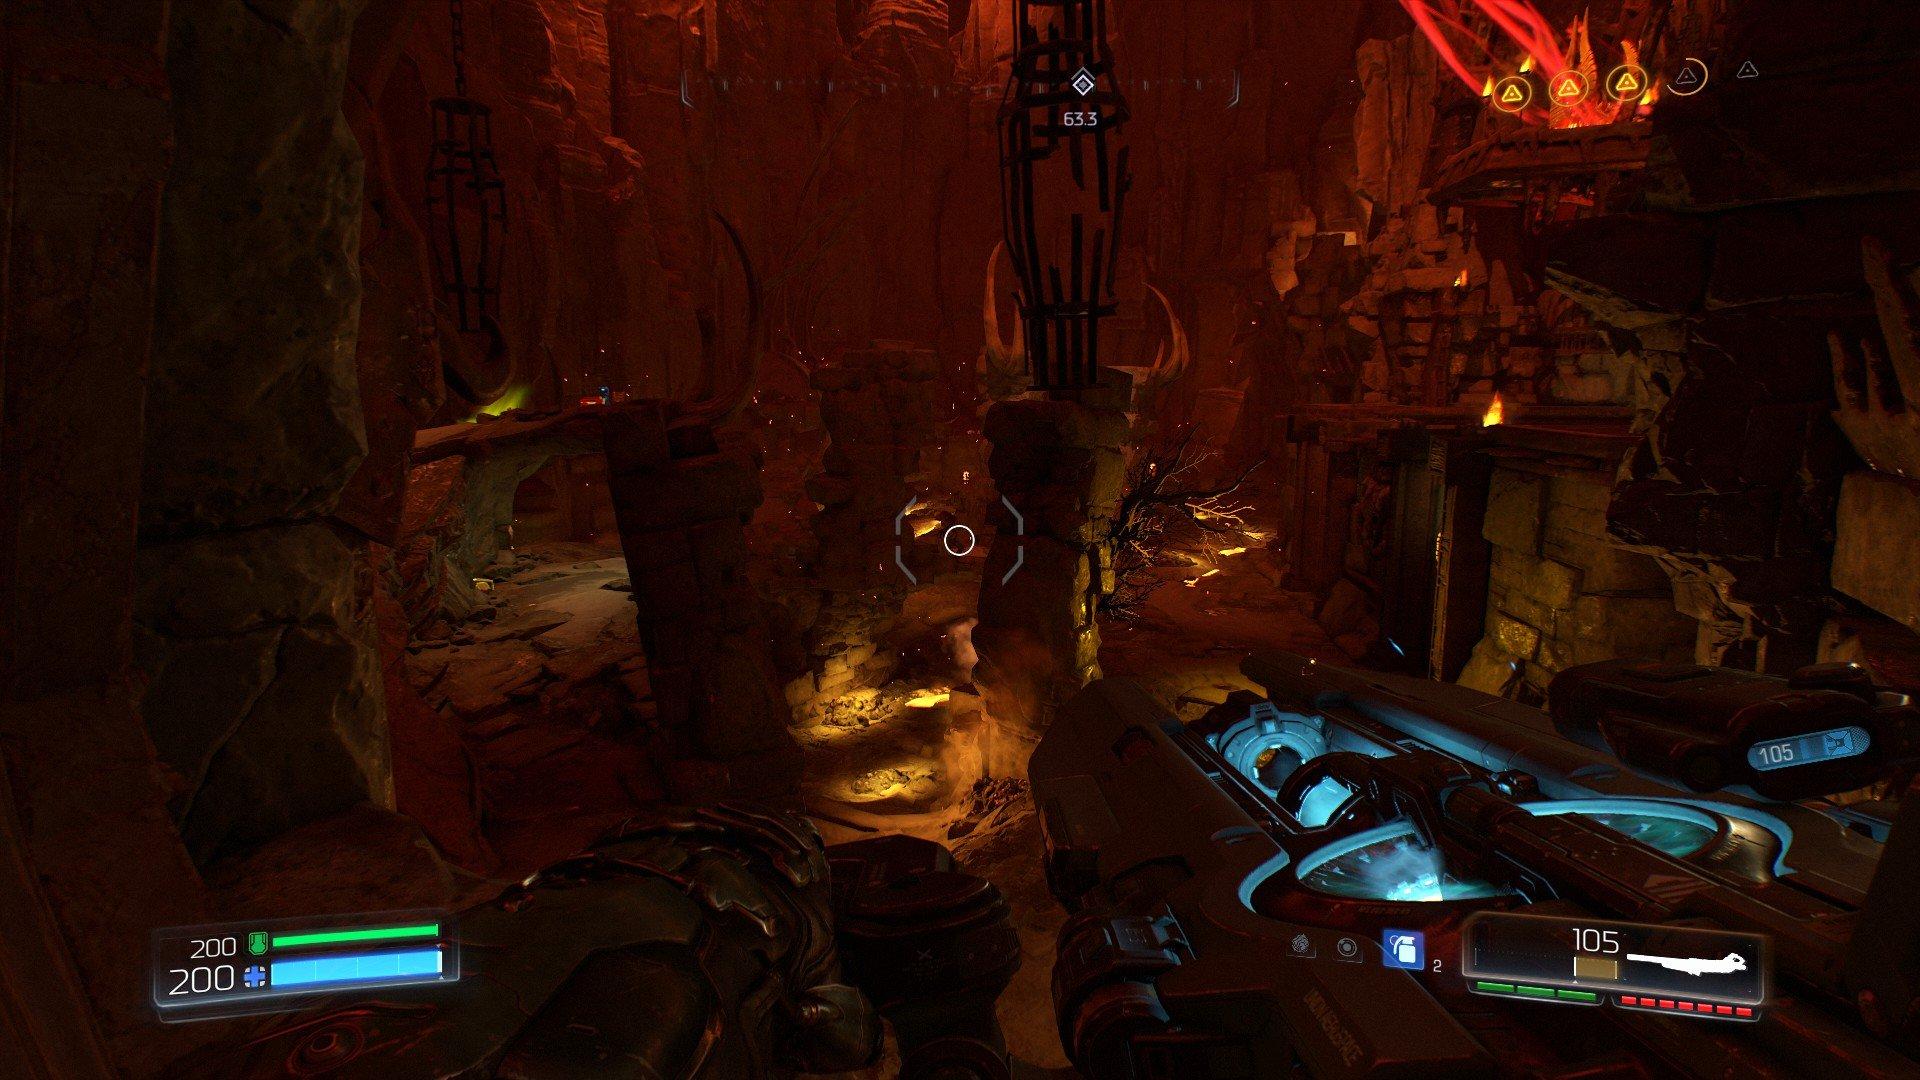 Вопль-прохождение Doom ... ФИНАЛ!!! - Изображение 25